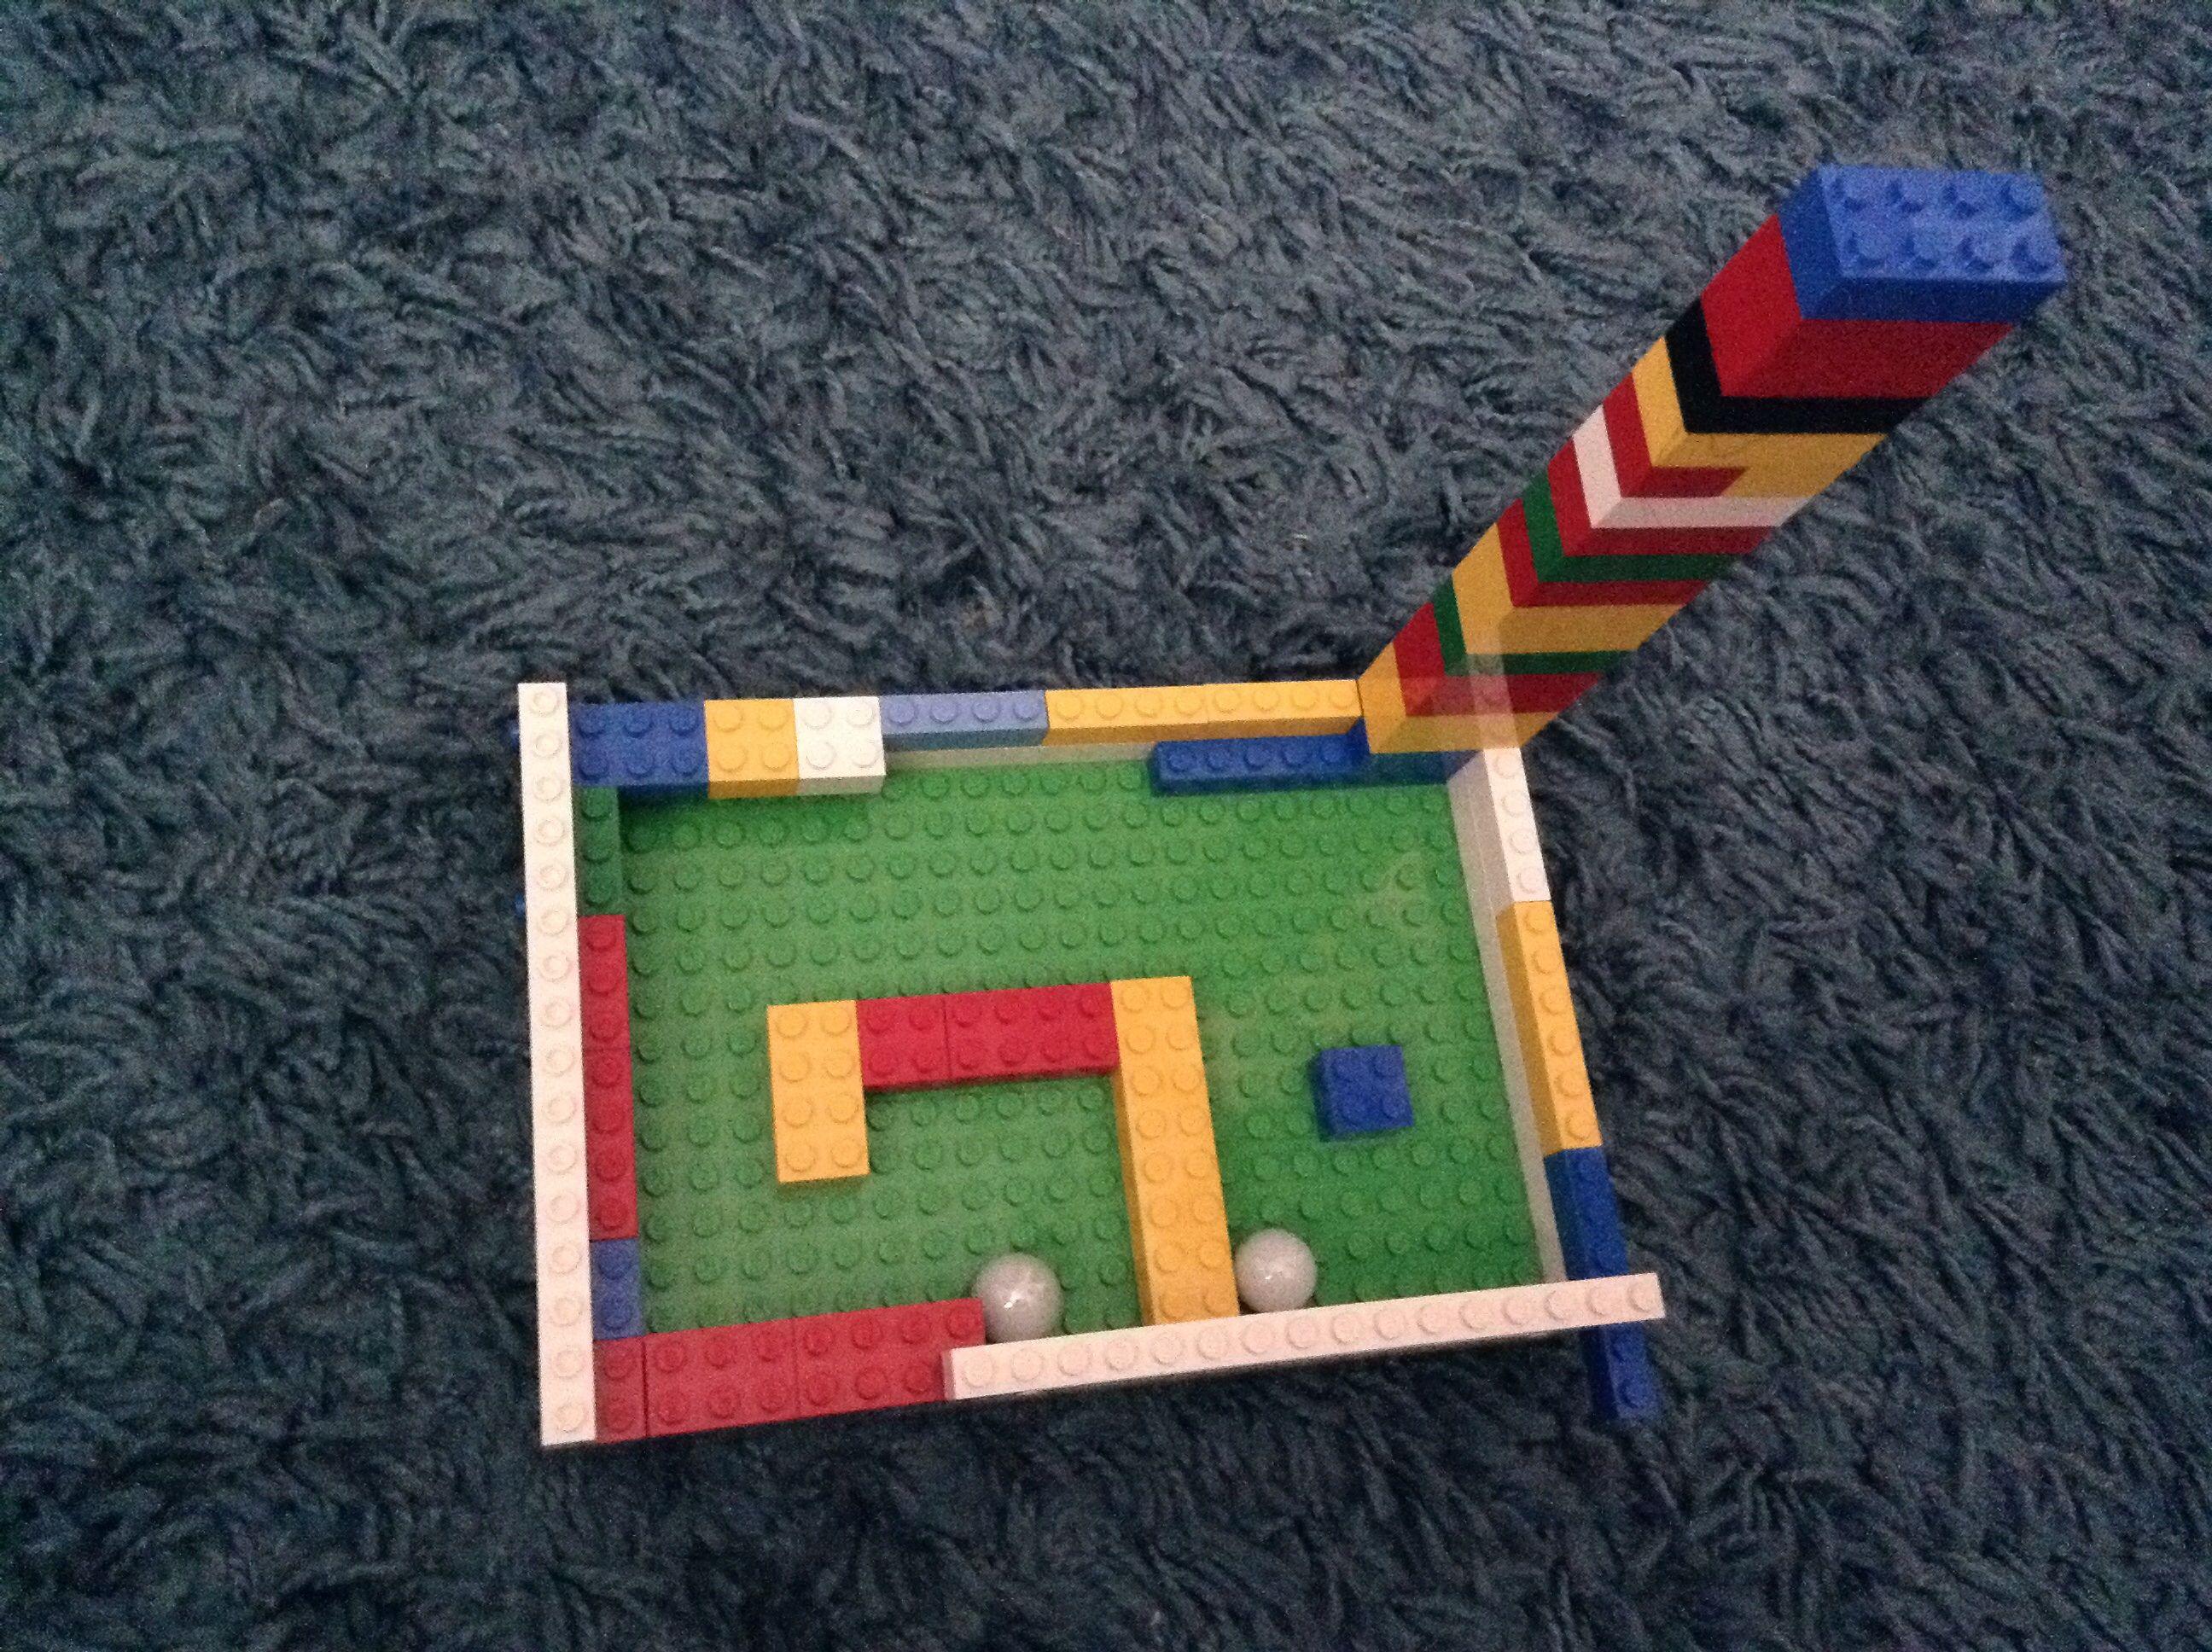 My son's homemade Lego marble run.